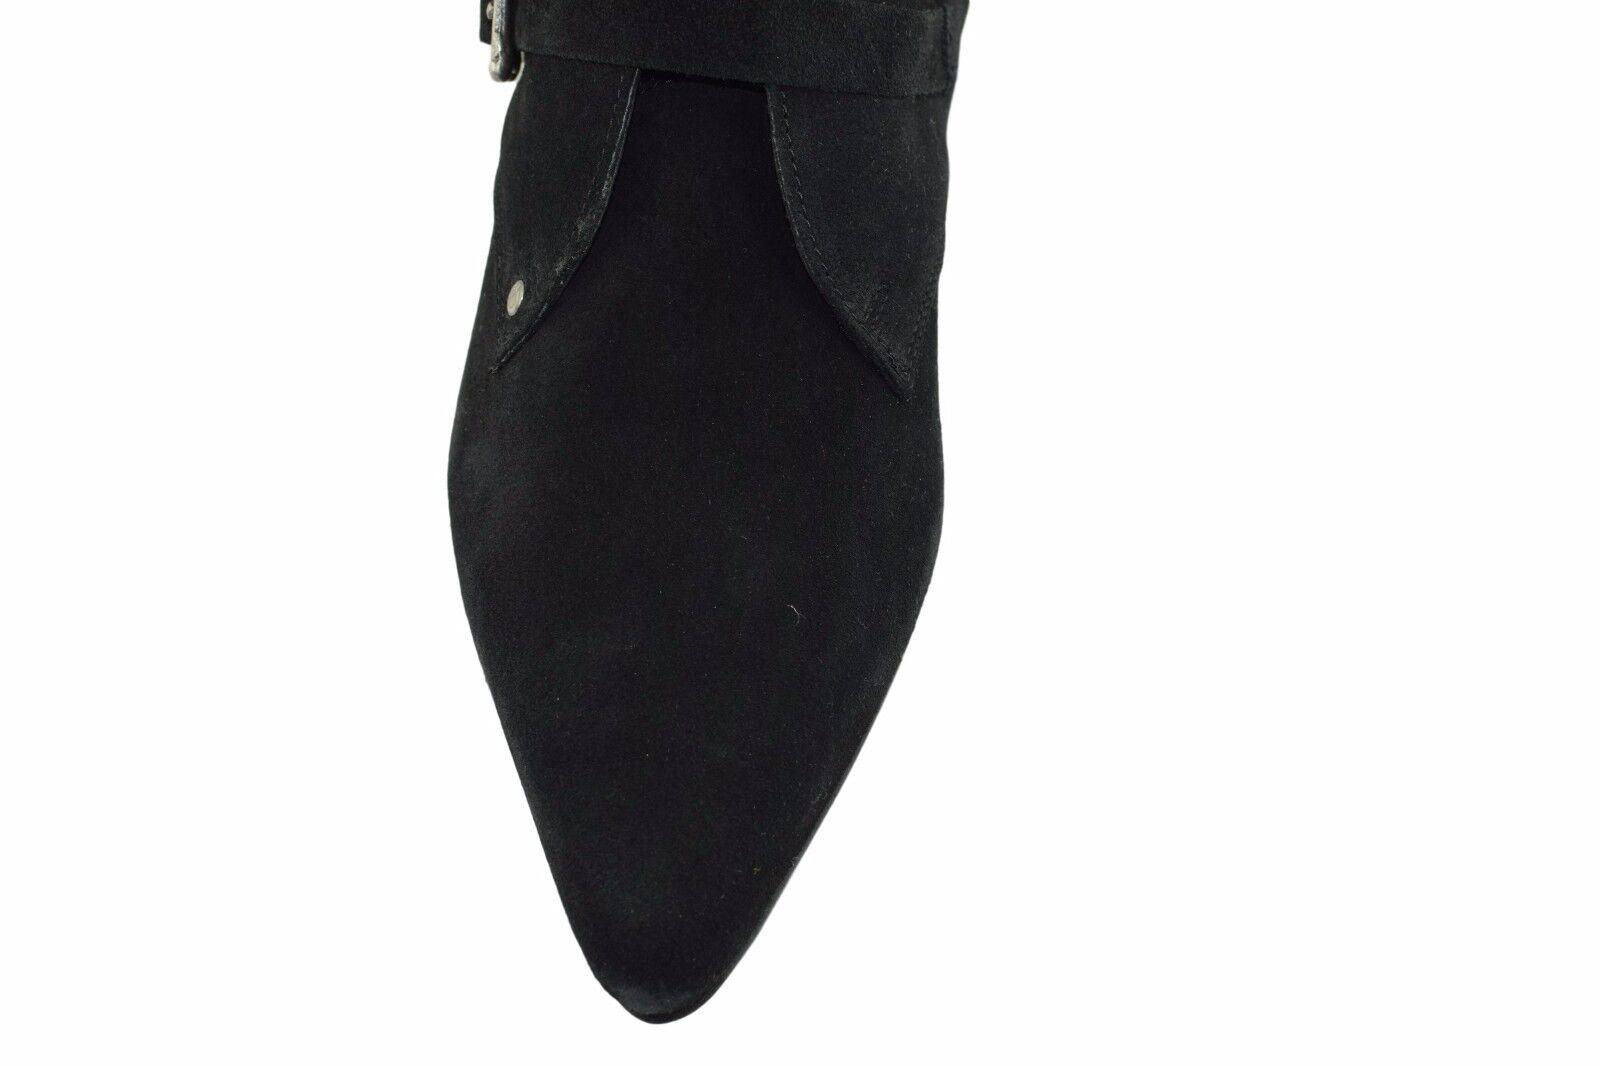 Steel Ground Goth schwarz Suede Winklepicker Calf Goth Ground Stiefel 6 Straps Skull Buckle 3306af